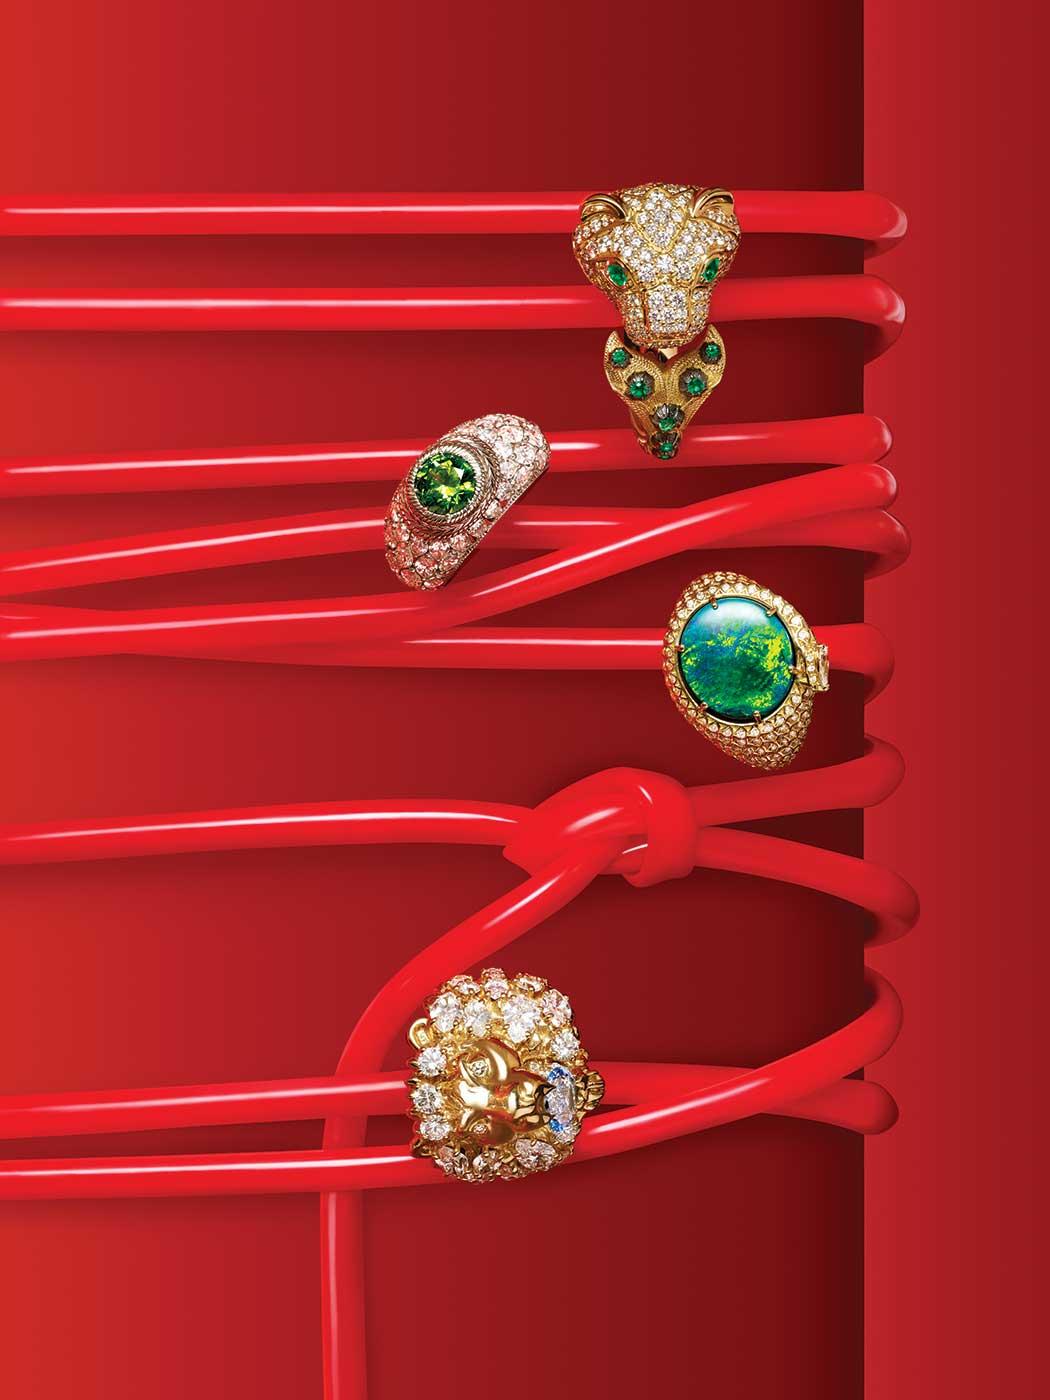 191029-WSJ-Spring20-Jewelry_Box-Gucci-Version-02_19198_v2_CMYK_QC